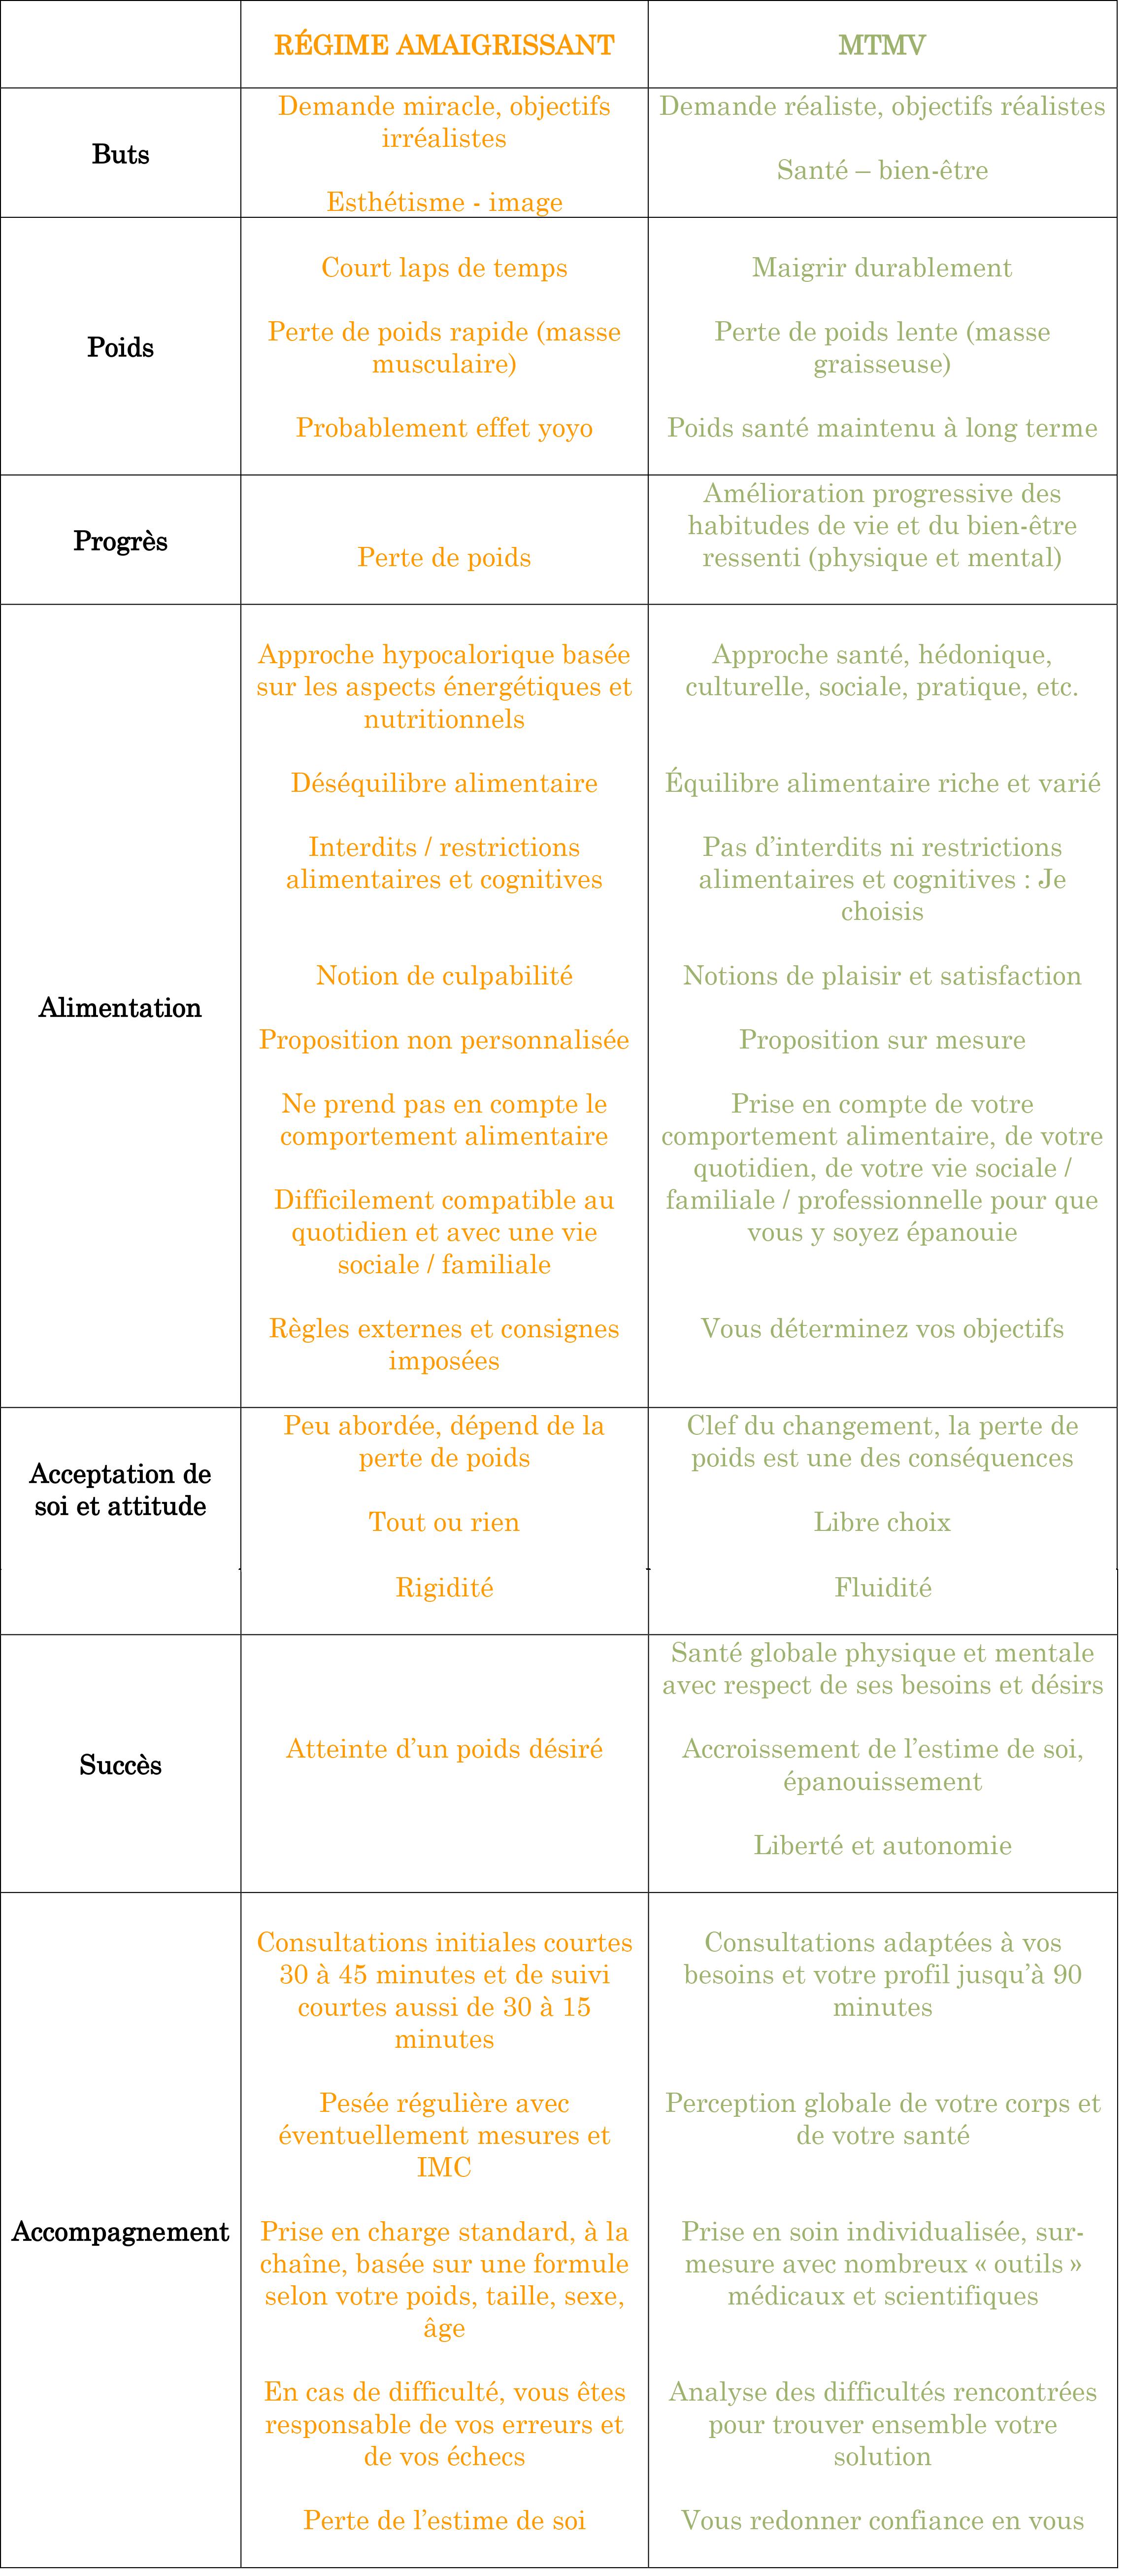 Maigrir durablement - régimes amaigrissants vs modifications thérapeutiques